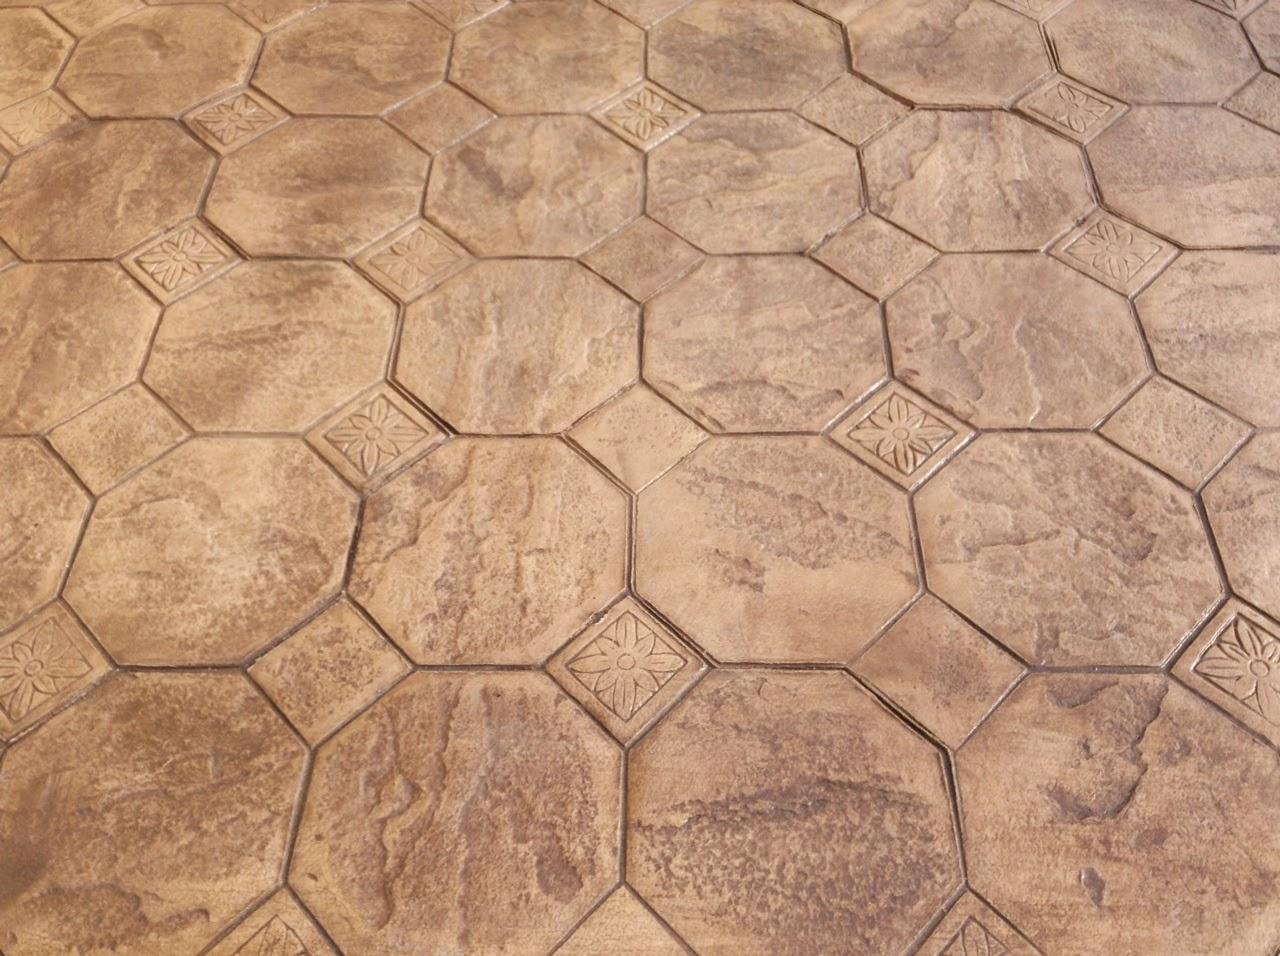 Hormigon impreso xativa pavimentos impreso xativa - Que es pavimento ...